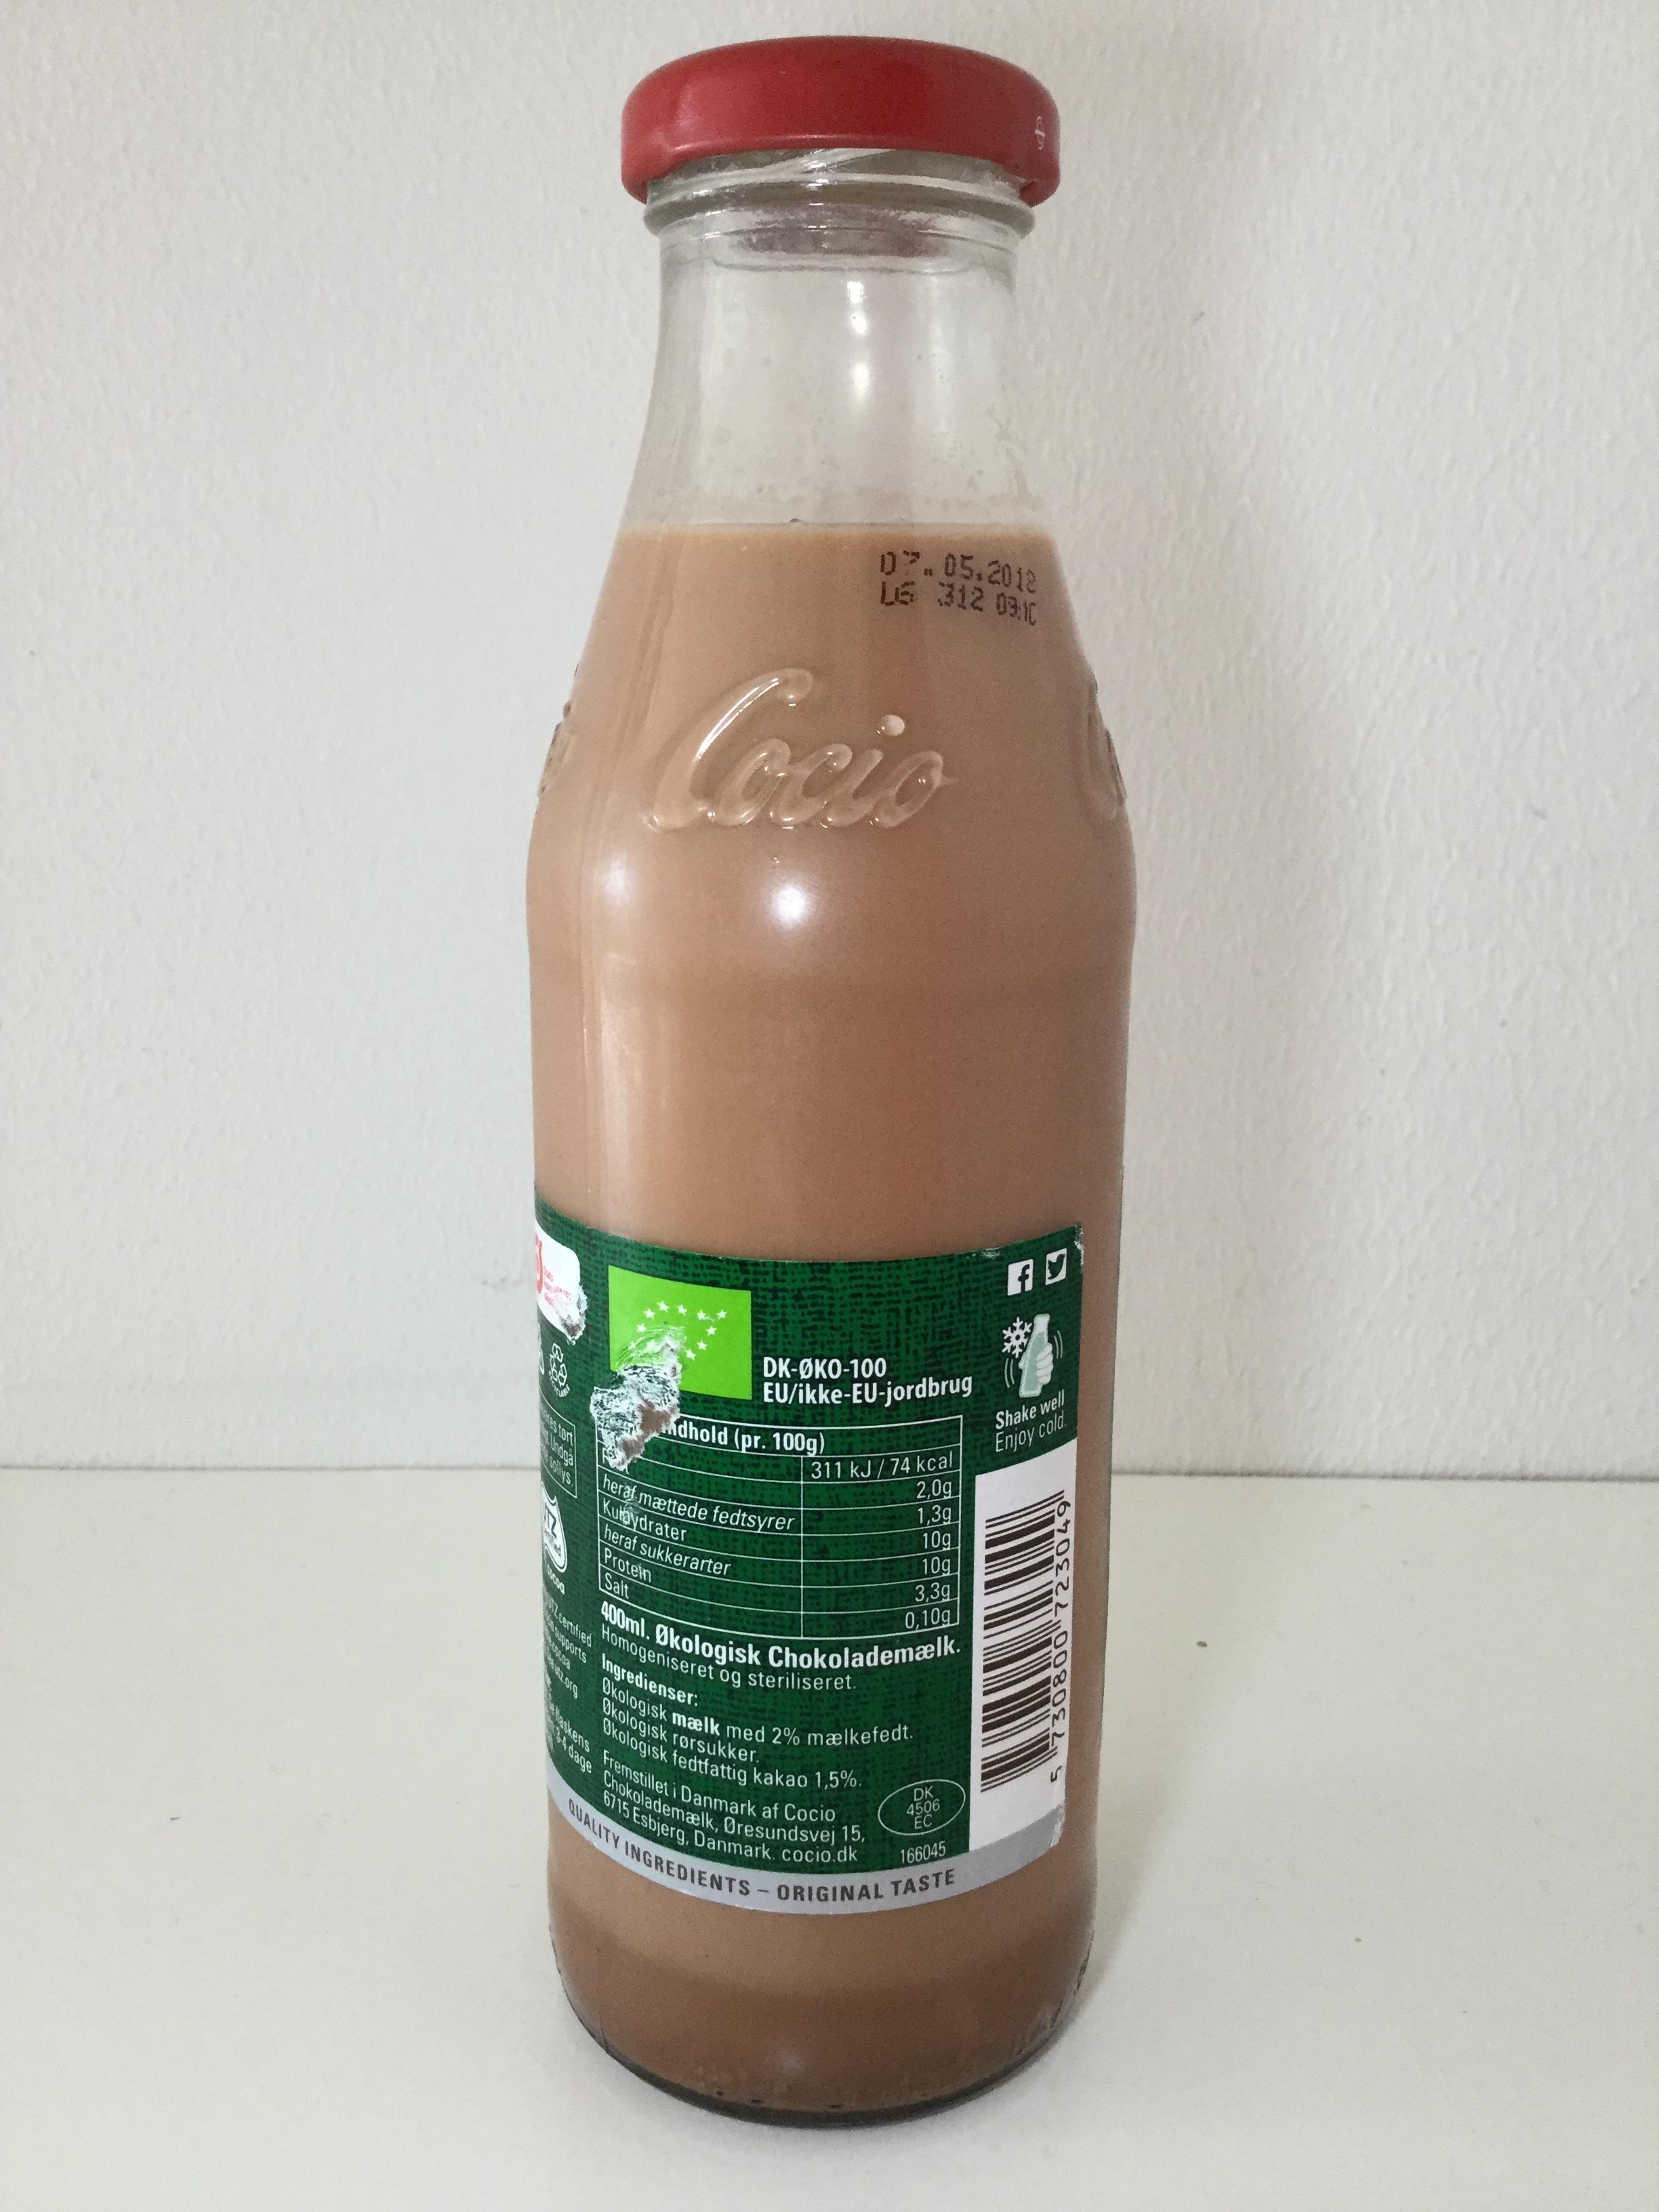 Cocio Okologisk Chocolademaelk Side 1